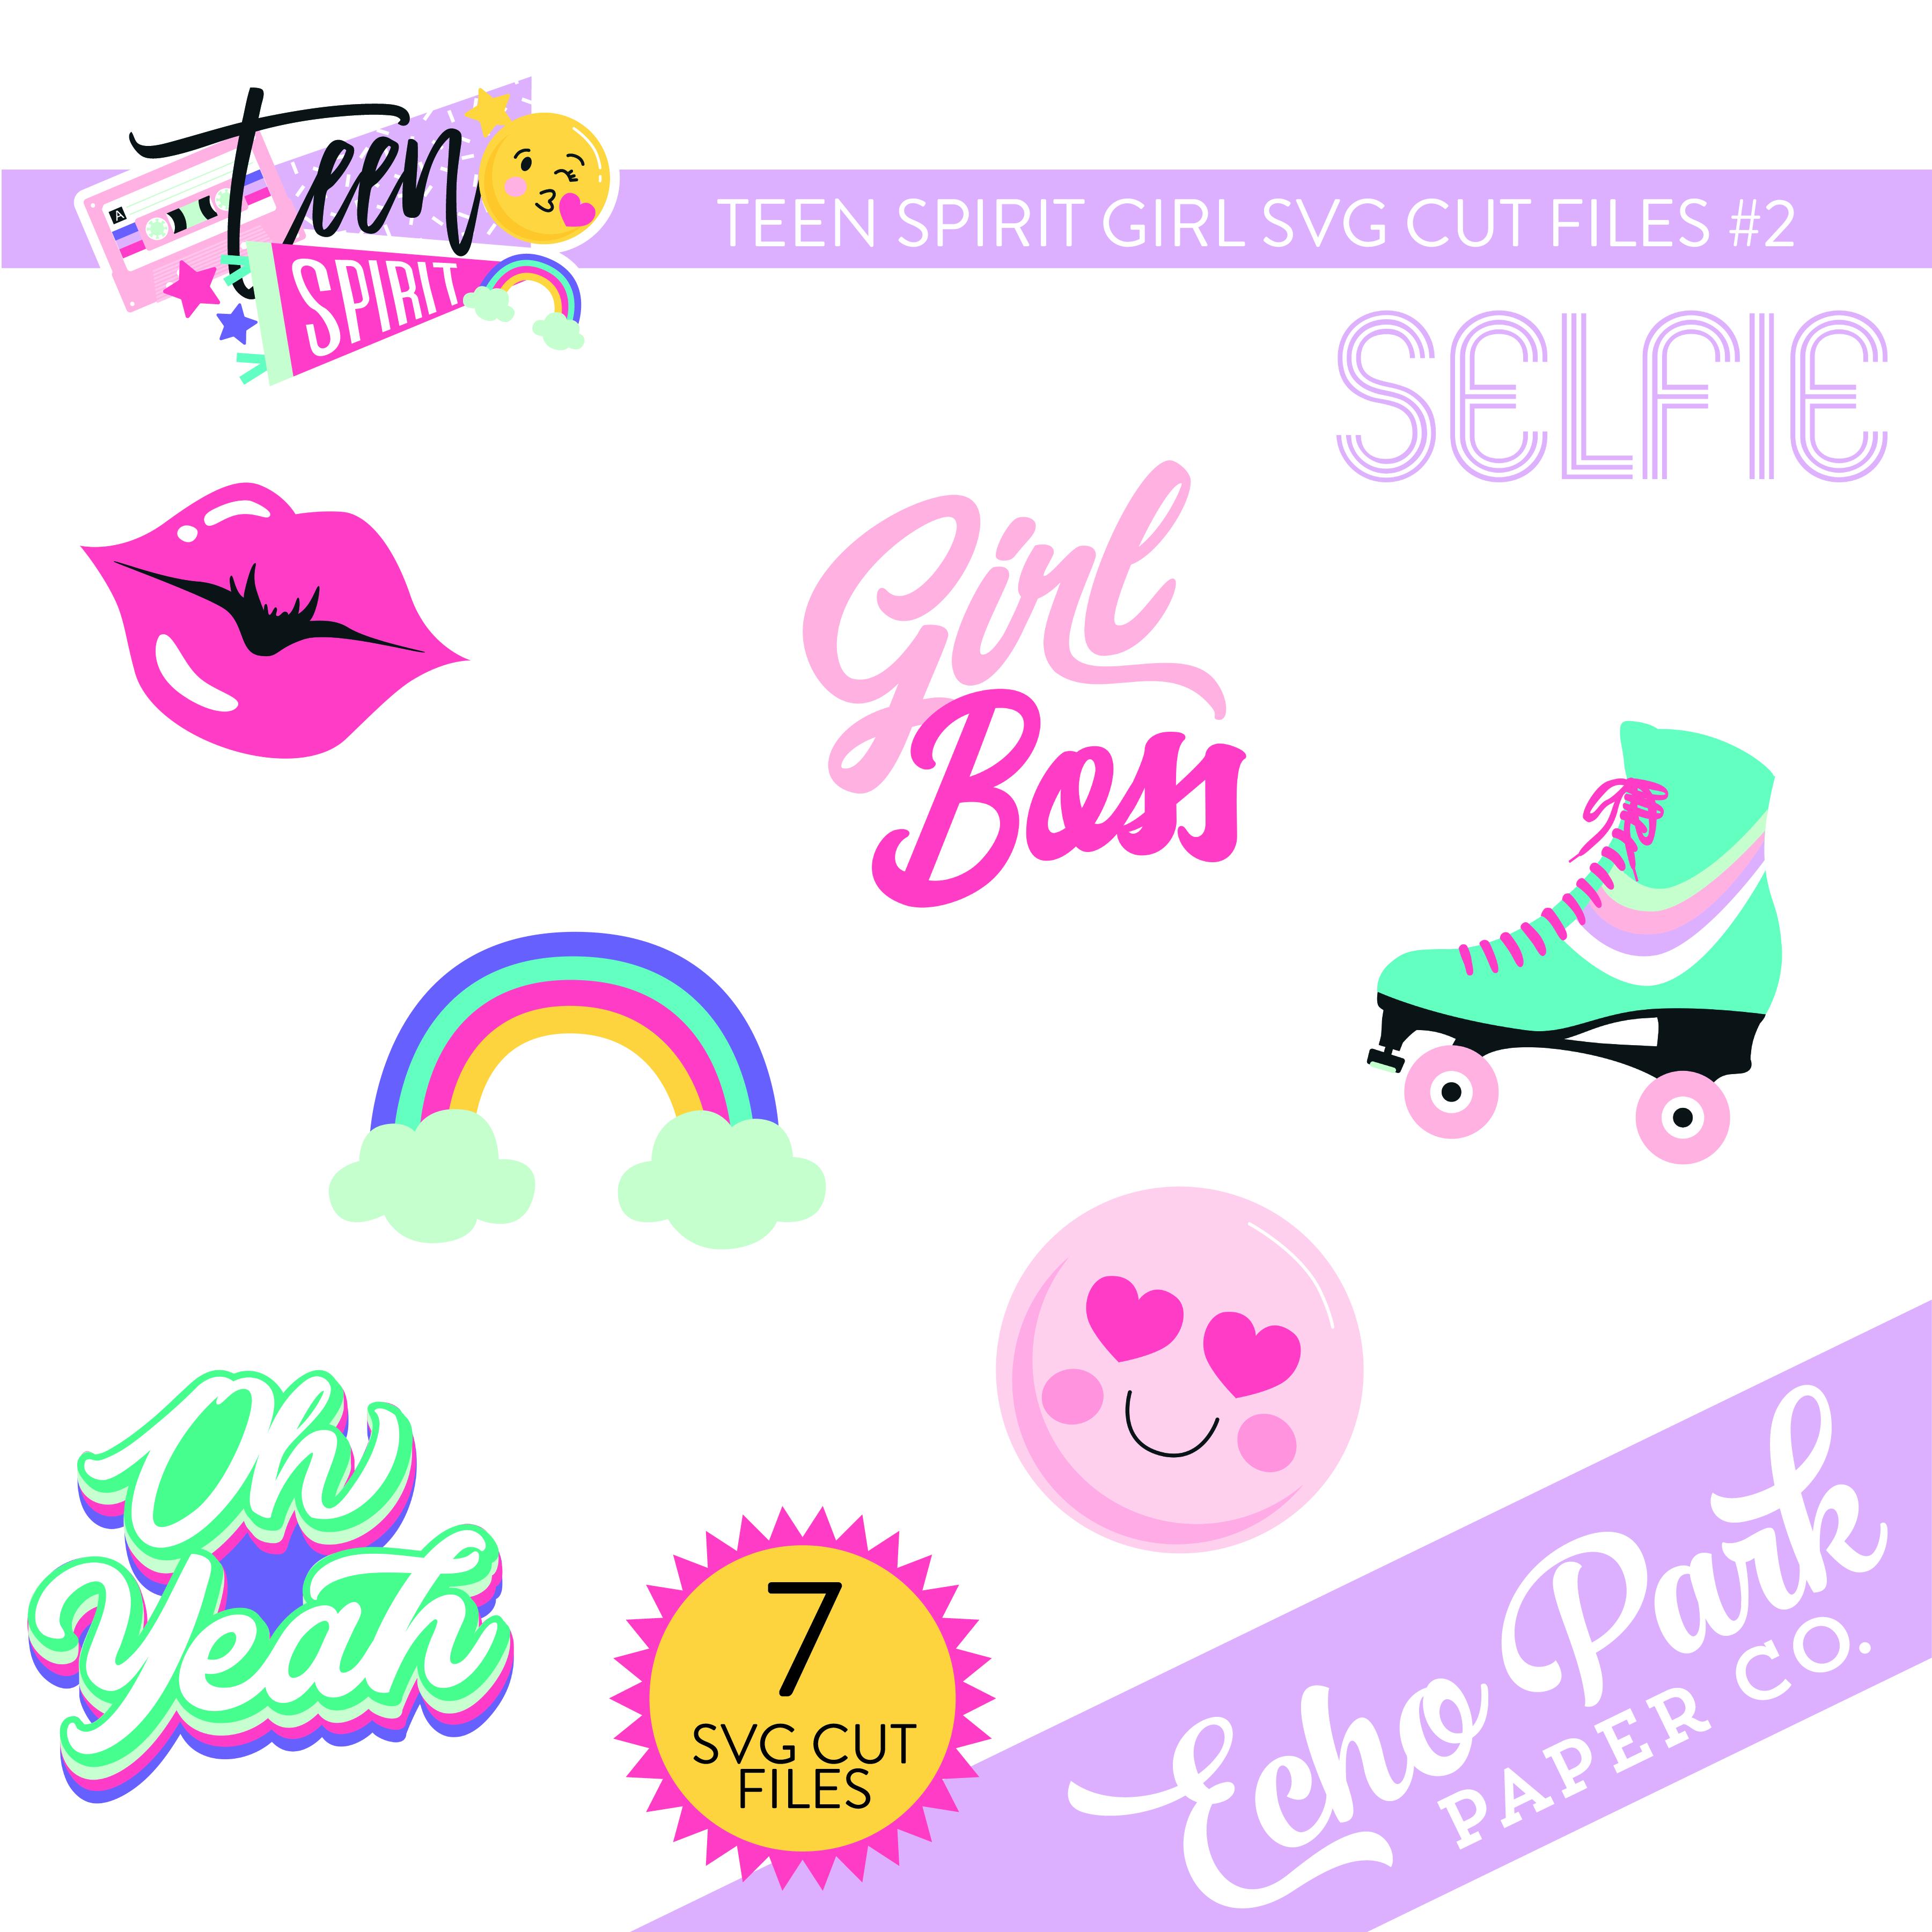 Teen Spirit Girl SVG Cut Files #2